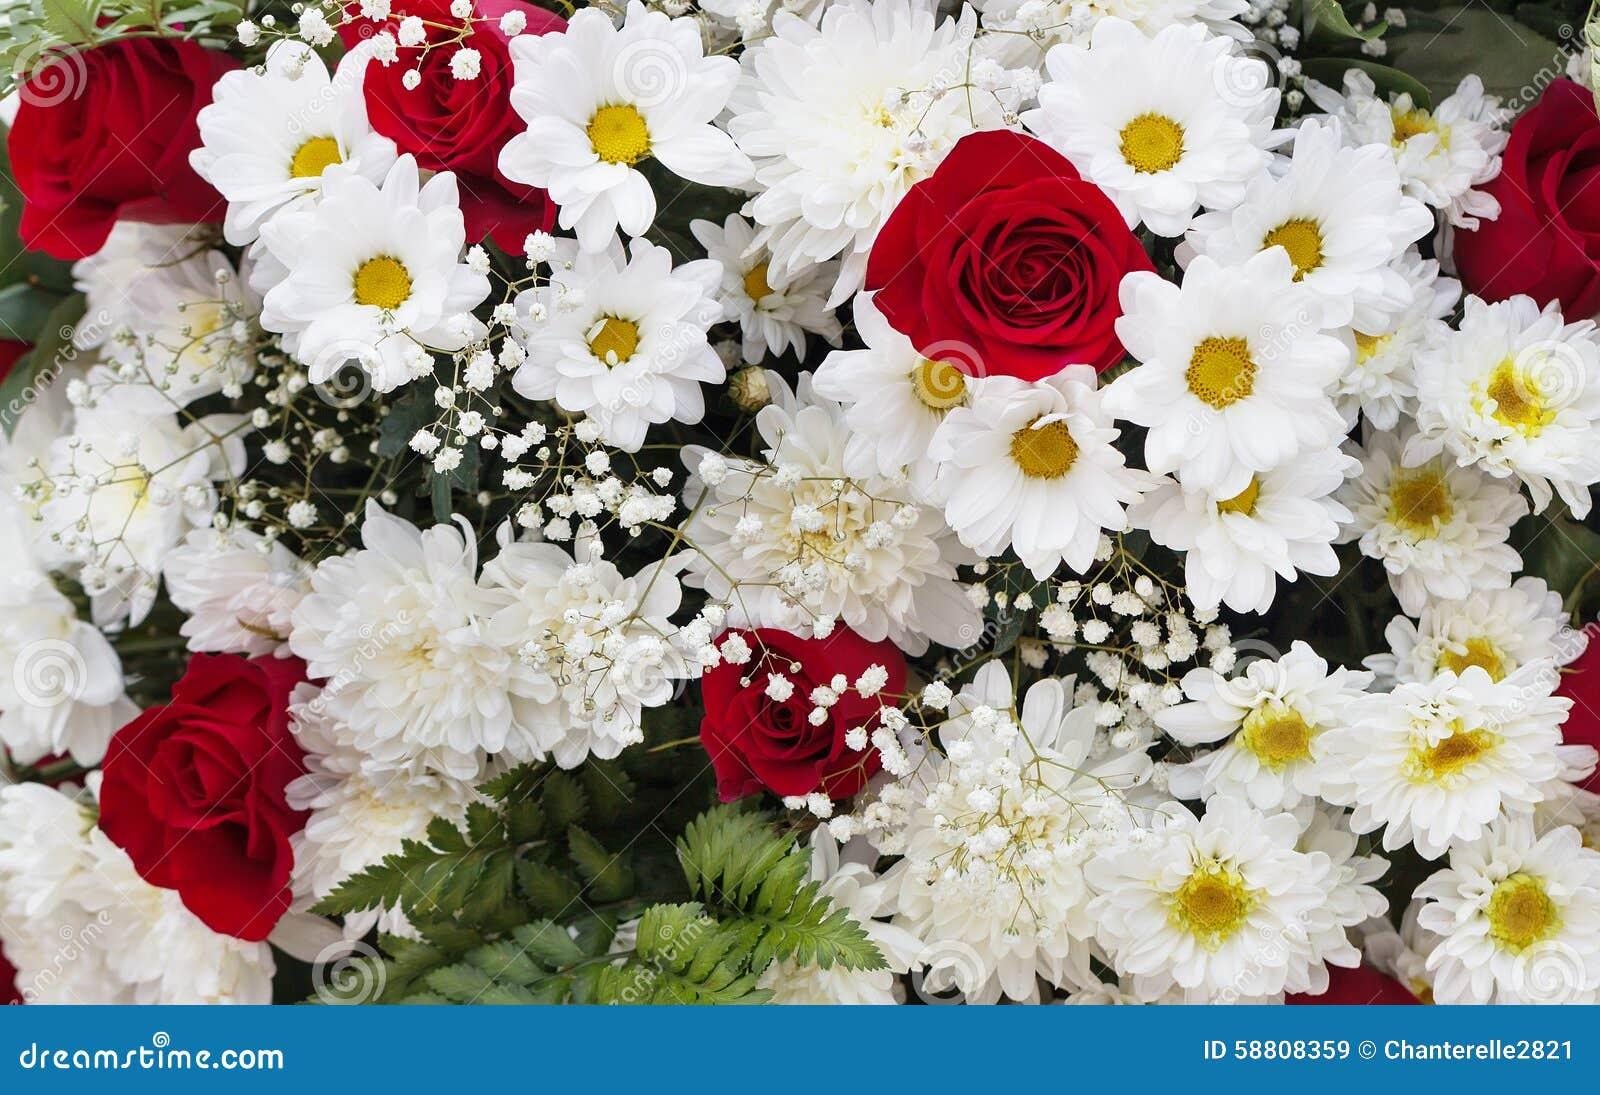 Ramo De Flores Rojas Y Blancas Imagen De Archivo Imagen De Grande